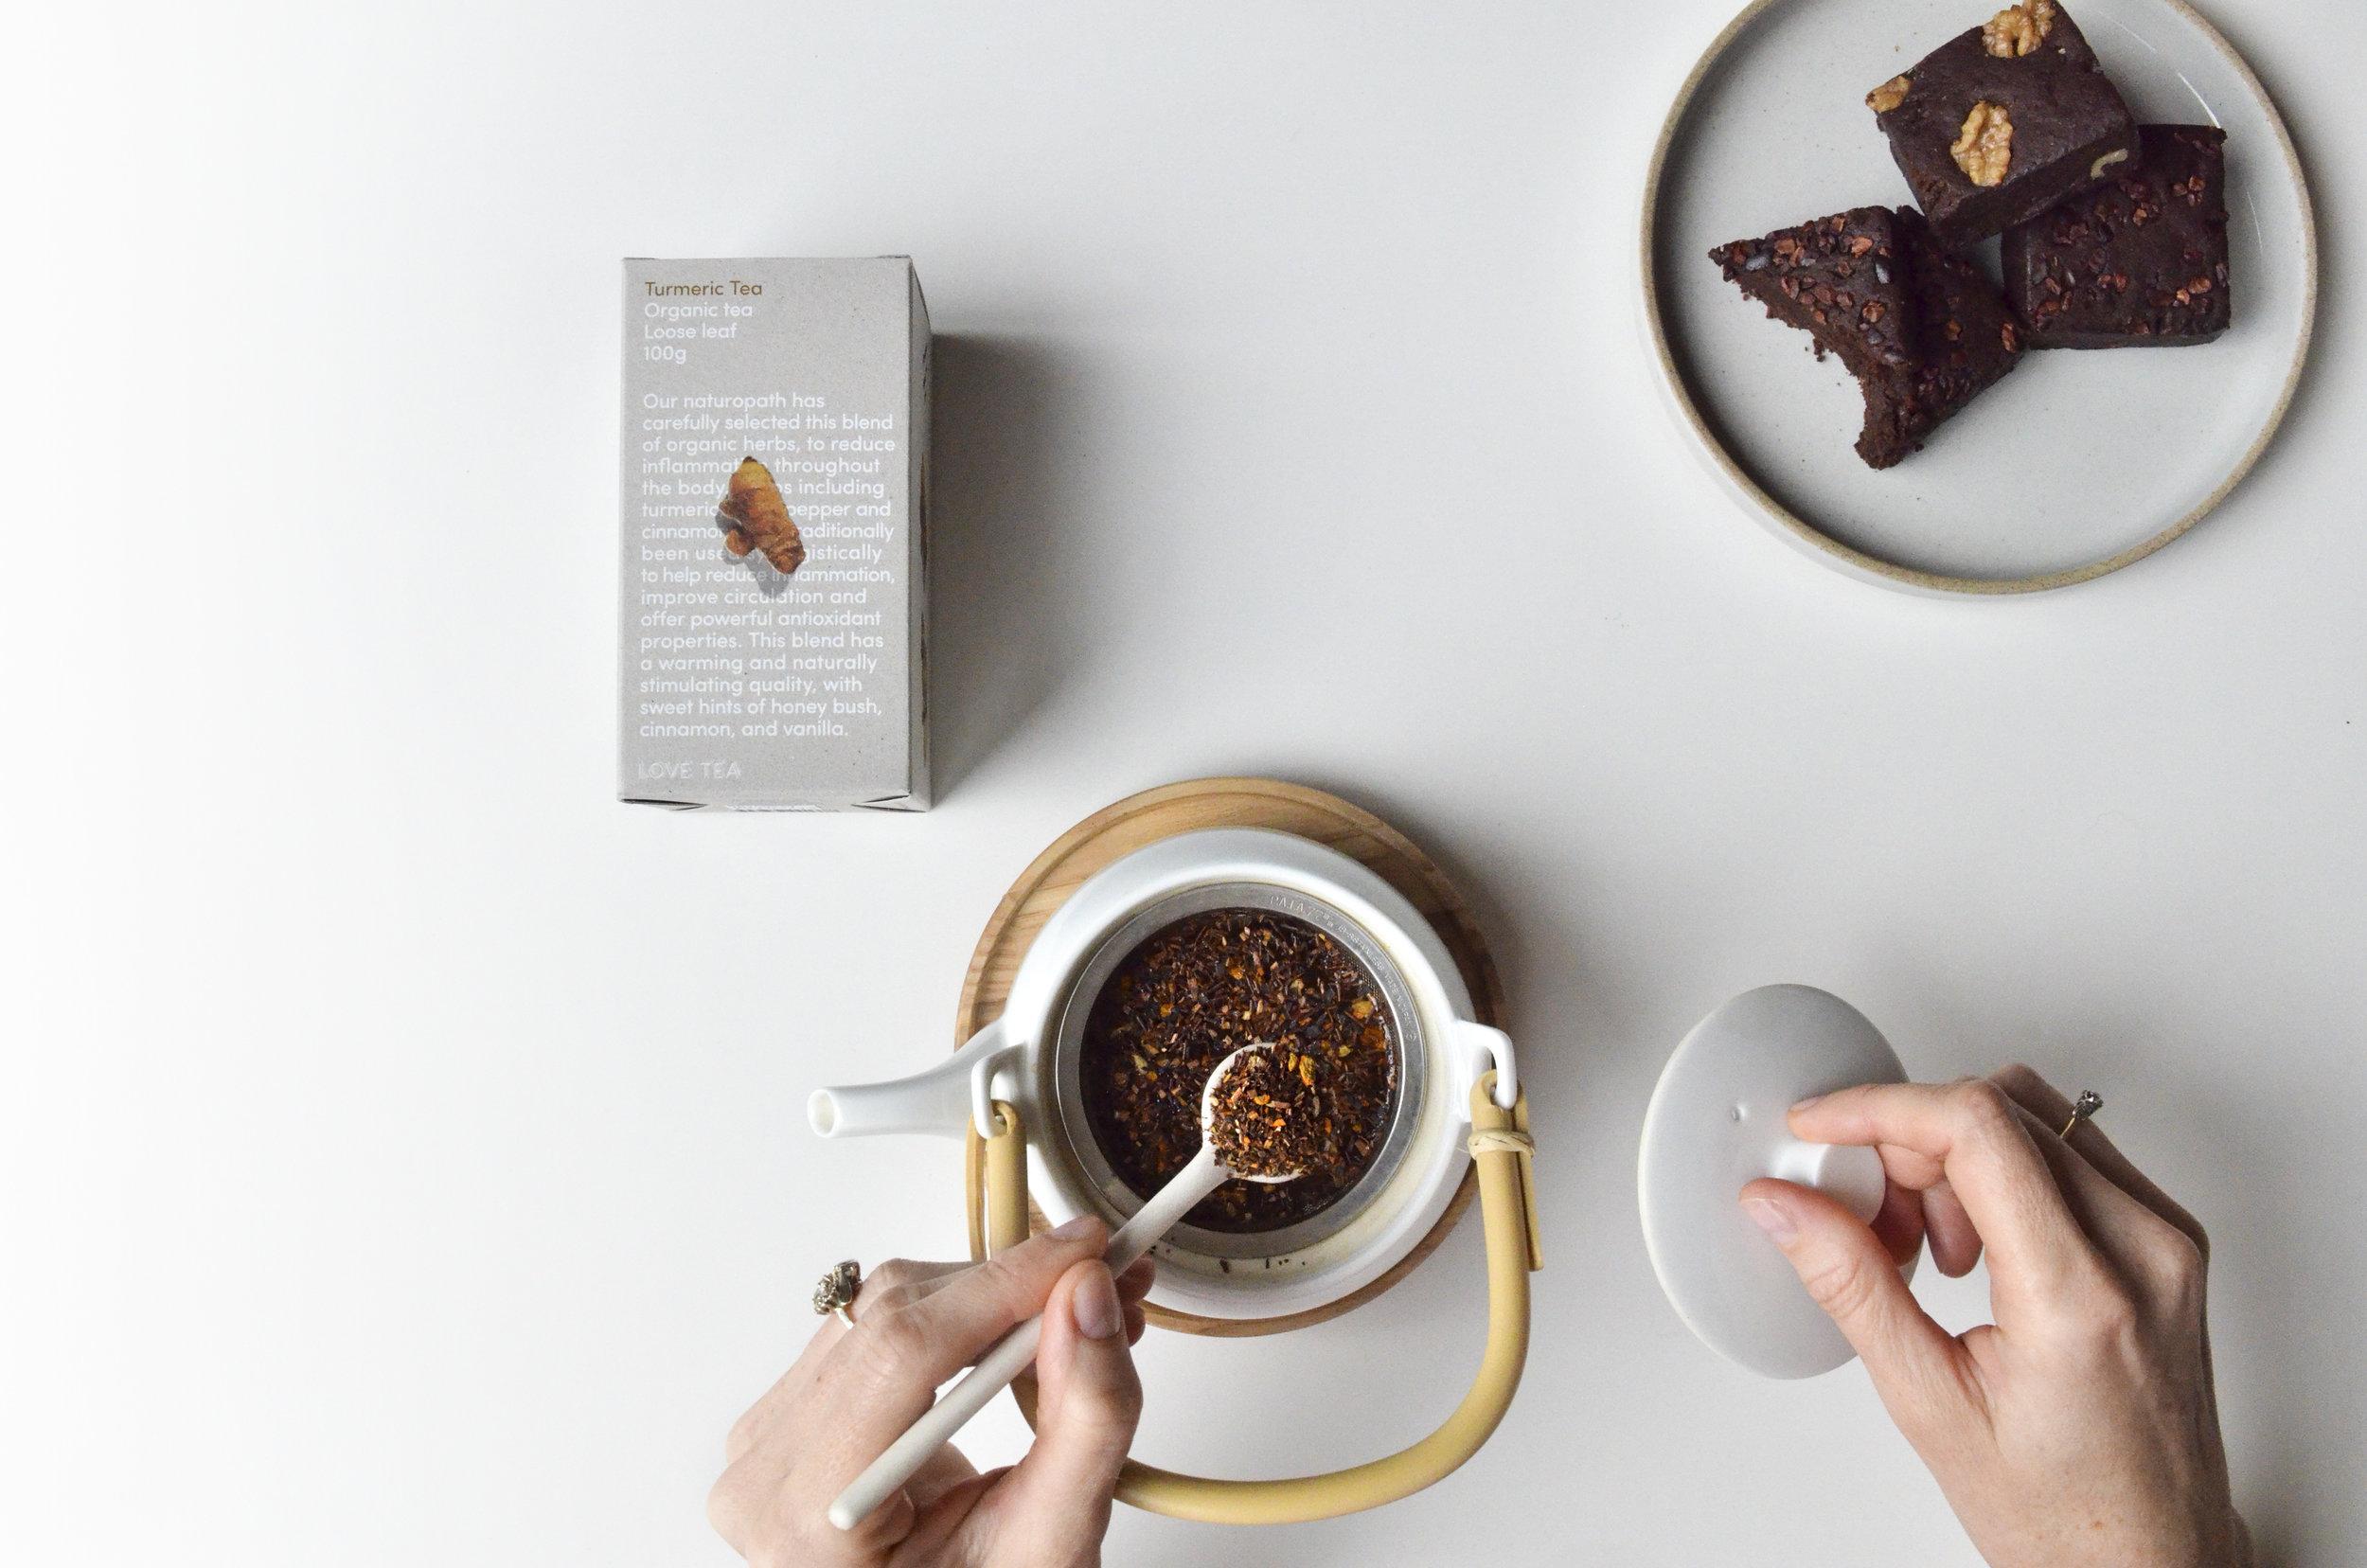 turmerictea-brownie.jpg